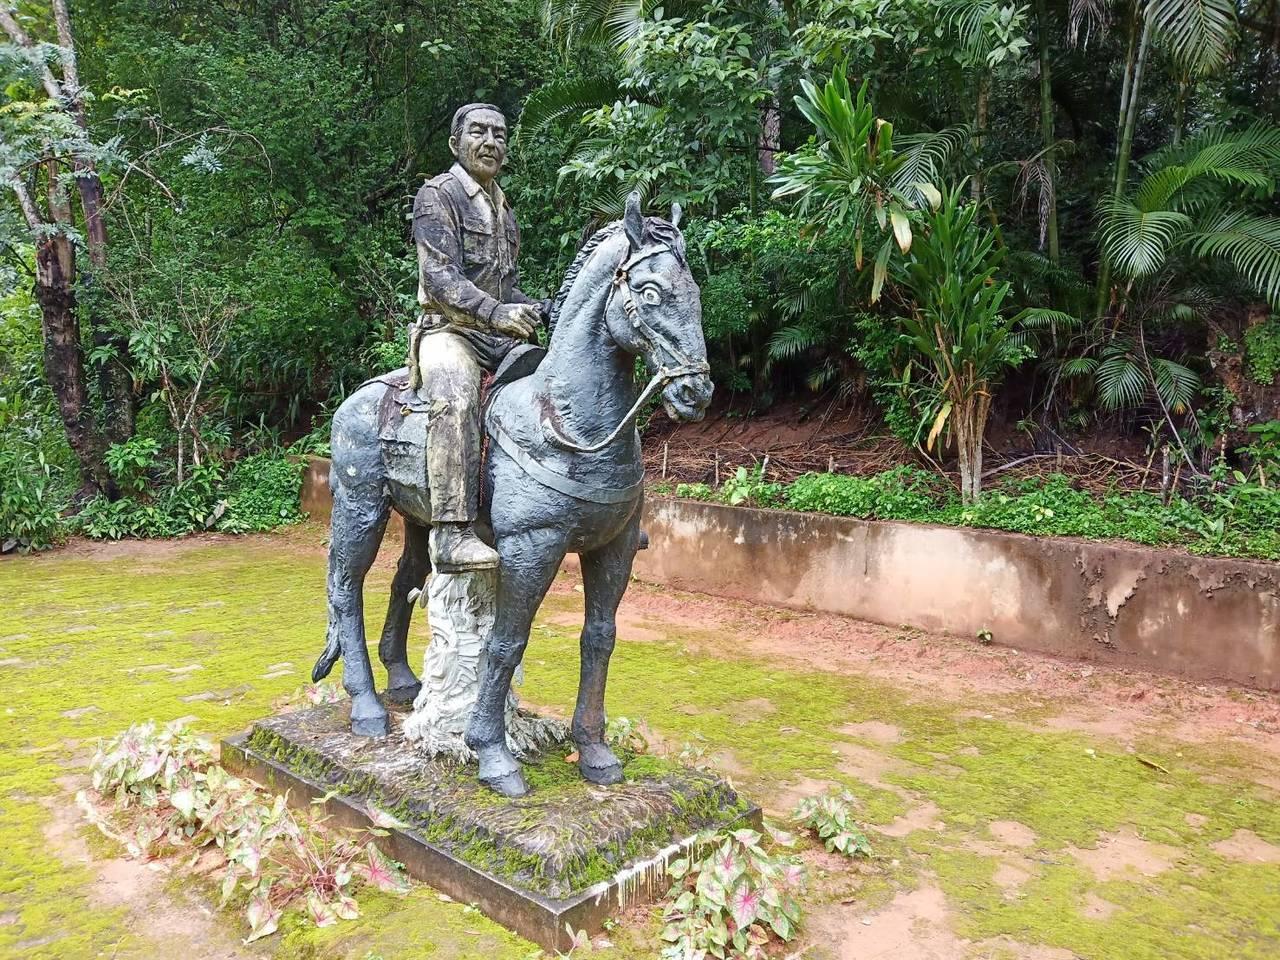 在泰北深山裡的晨曦會滿星疊戒毒村是當年毒王坤沙的毒品王國總部所在,現仍立有銅像。...